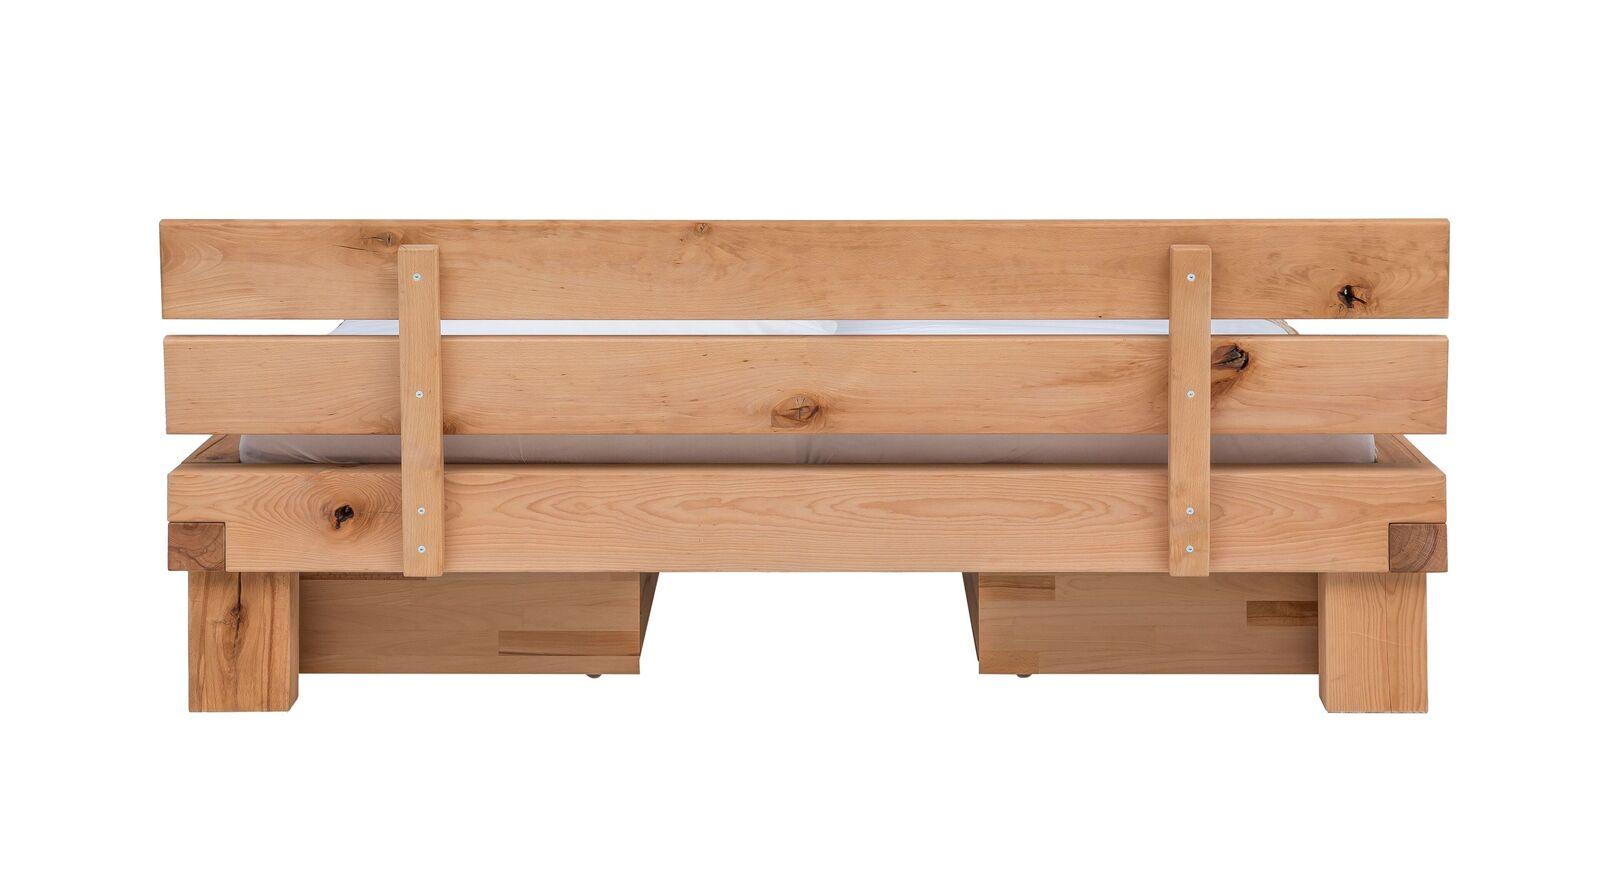 Schubkasten-Bett Sowa mit beidseitigen Bettschubkästen